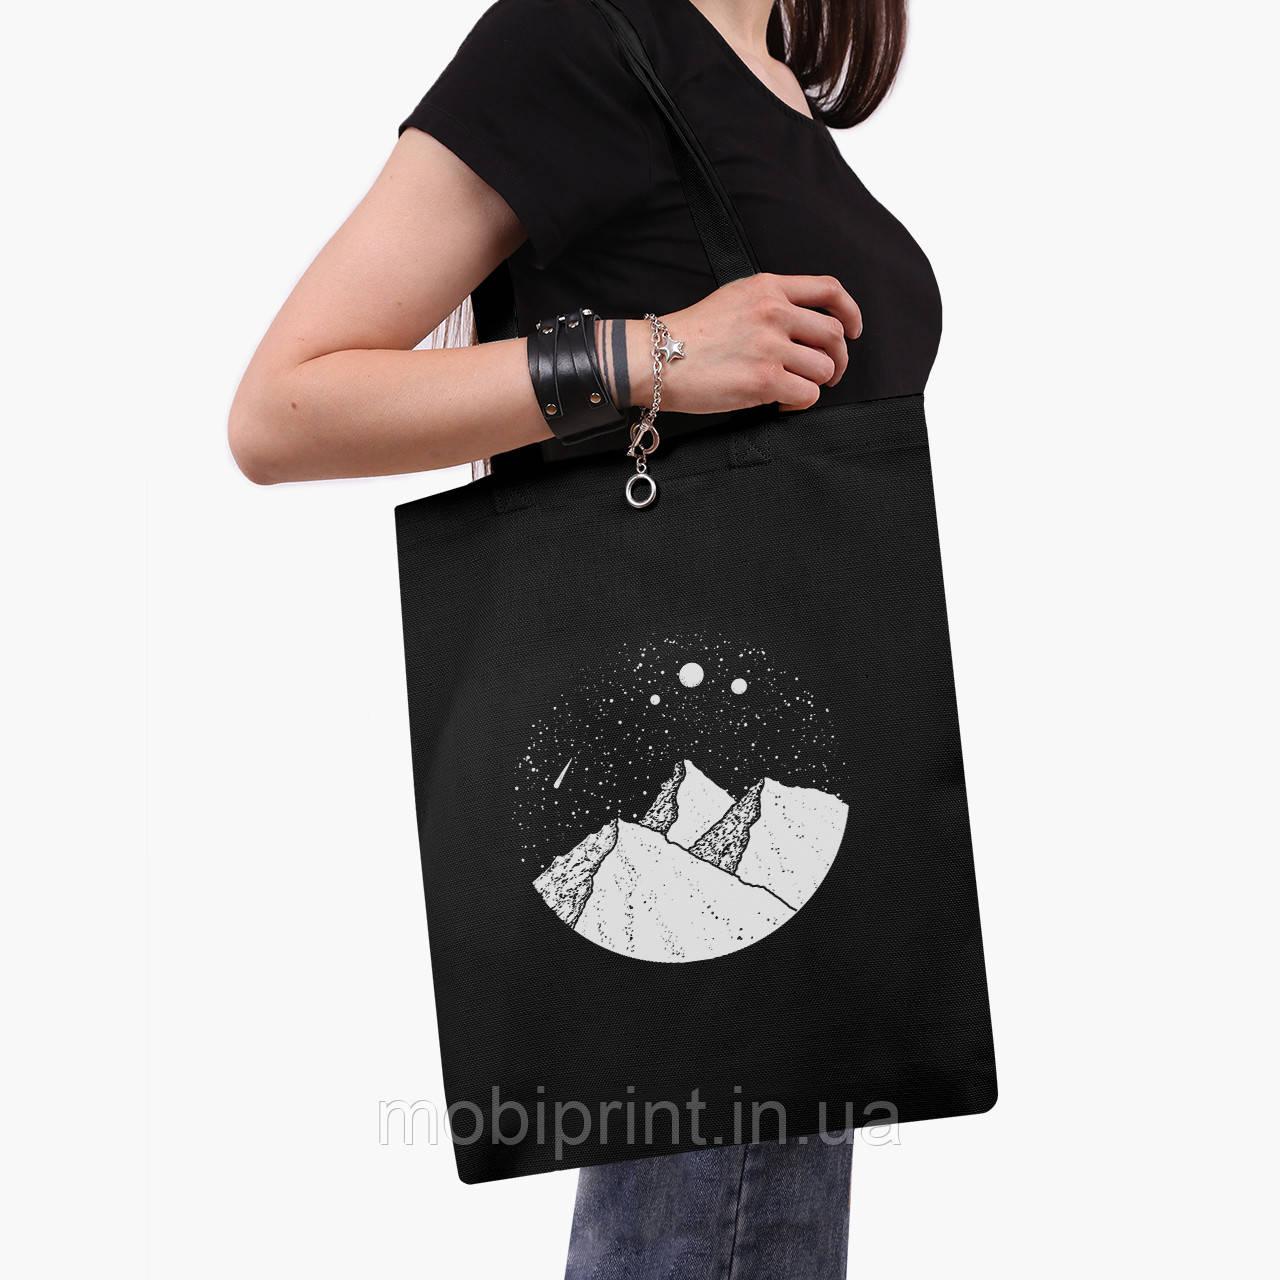 Эко сумка шоппер черная Звездные горы (Starry mountains) (9227-2846-2)  41*35 см